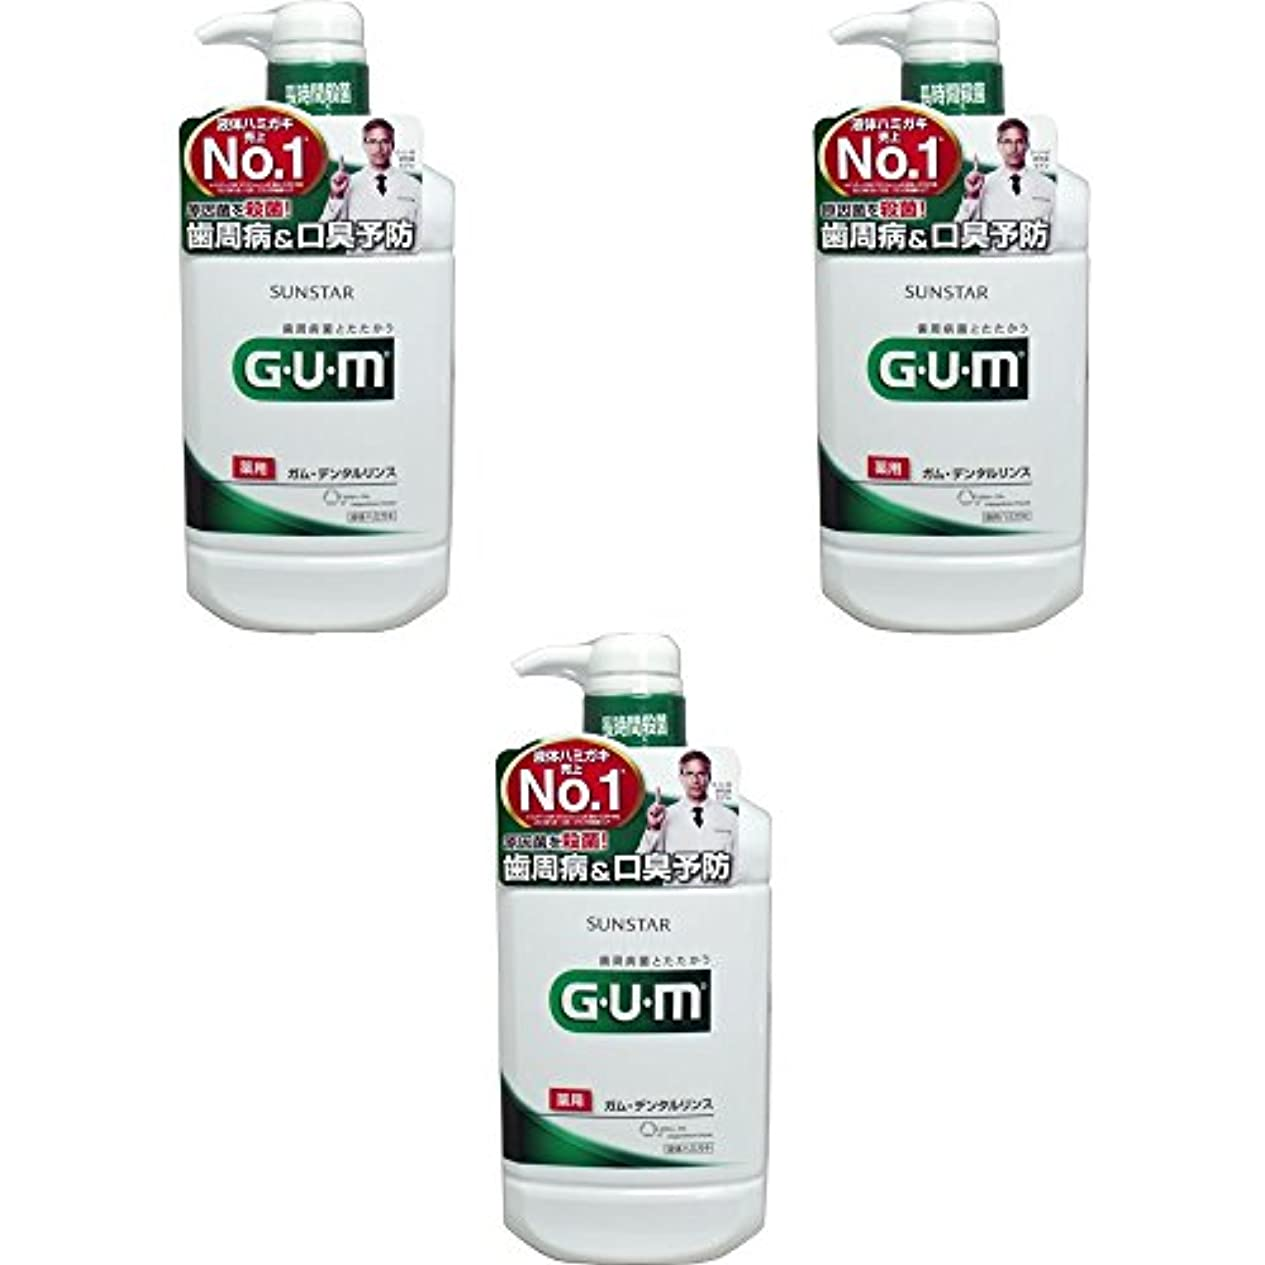 協会時間とともに注目すべき【セット品】GUM(ガム)?デンタルリンス (レギュラータイプ) 960mL (医薬部外品) 3個